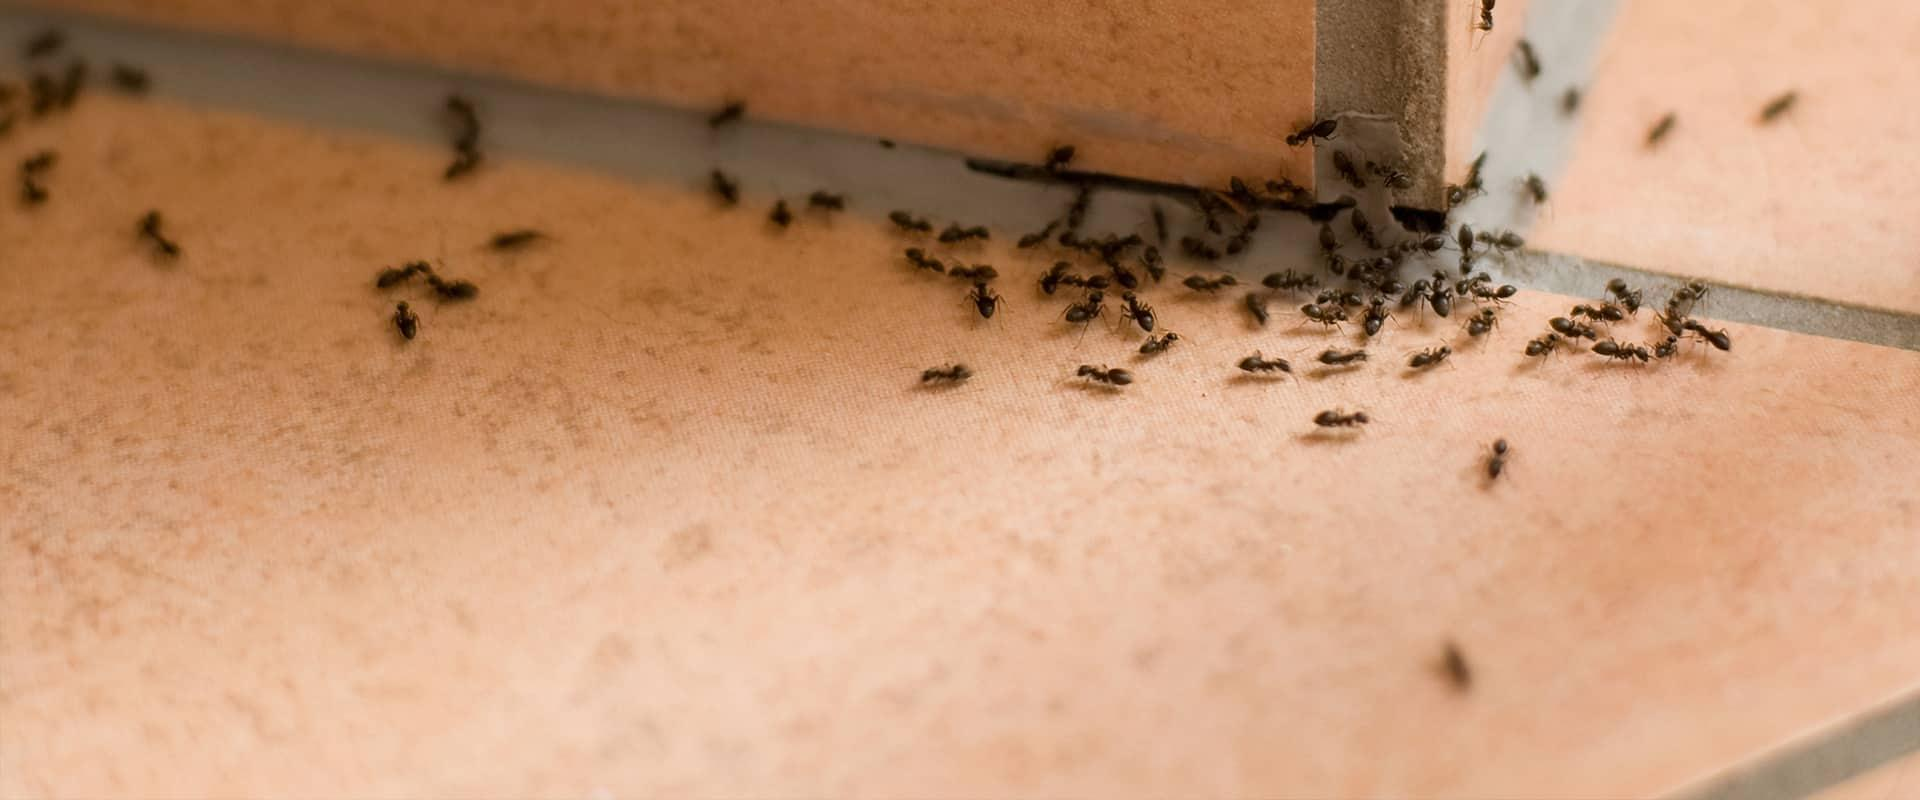 many ants on a patio in kansas city missouri